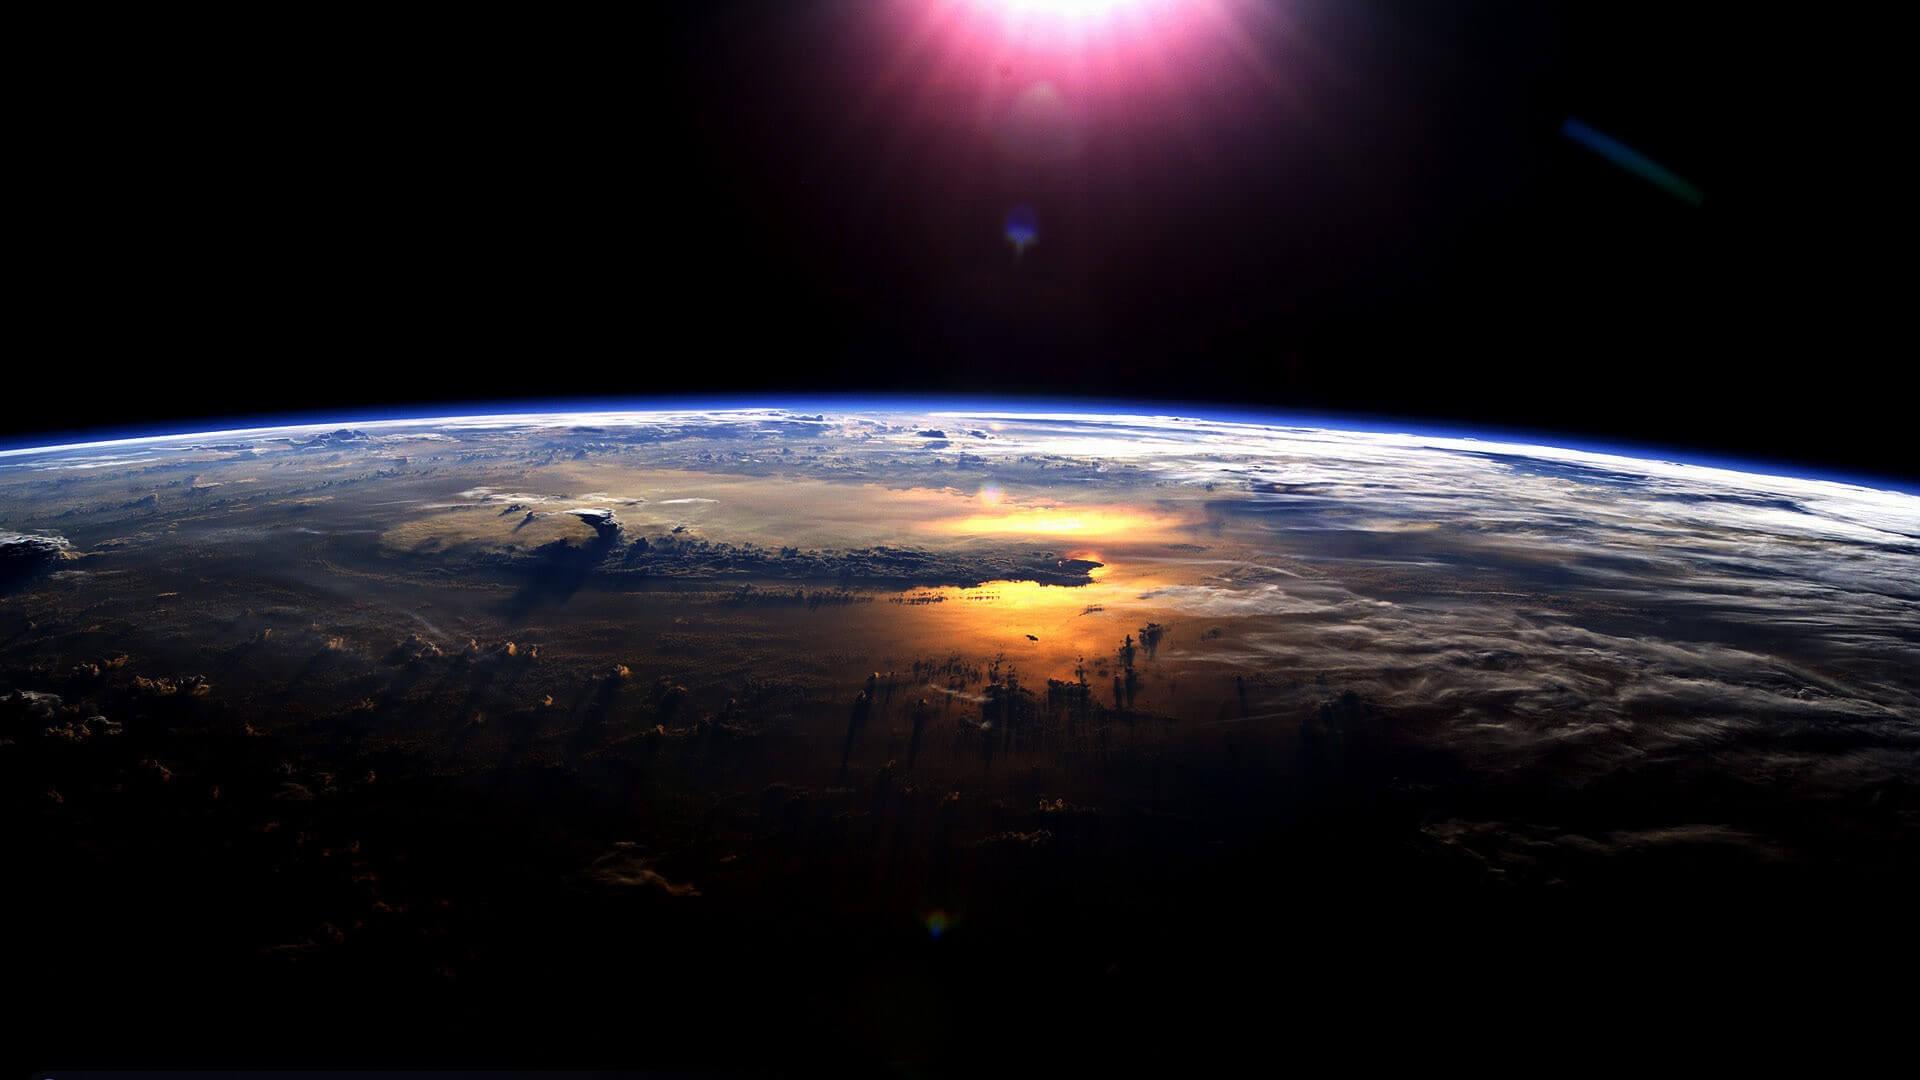 Vật chất nhanh hơn vận tốc ánh sáng được xem chỉ có trong khoa học viễn tưởng